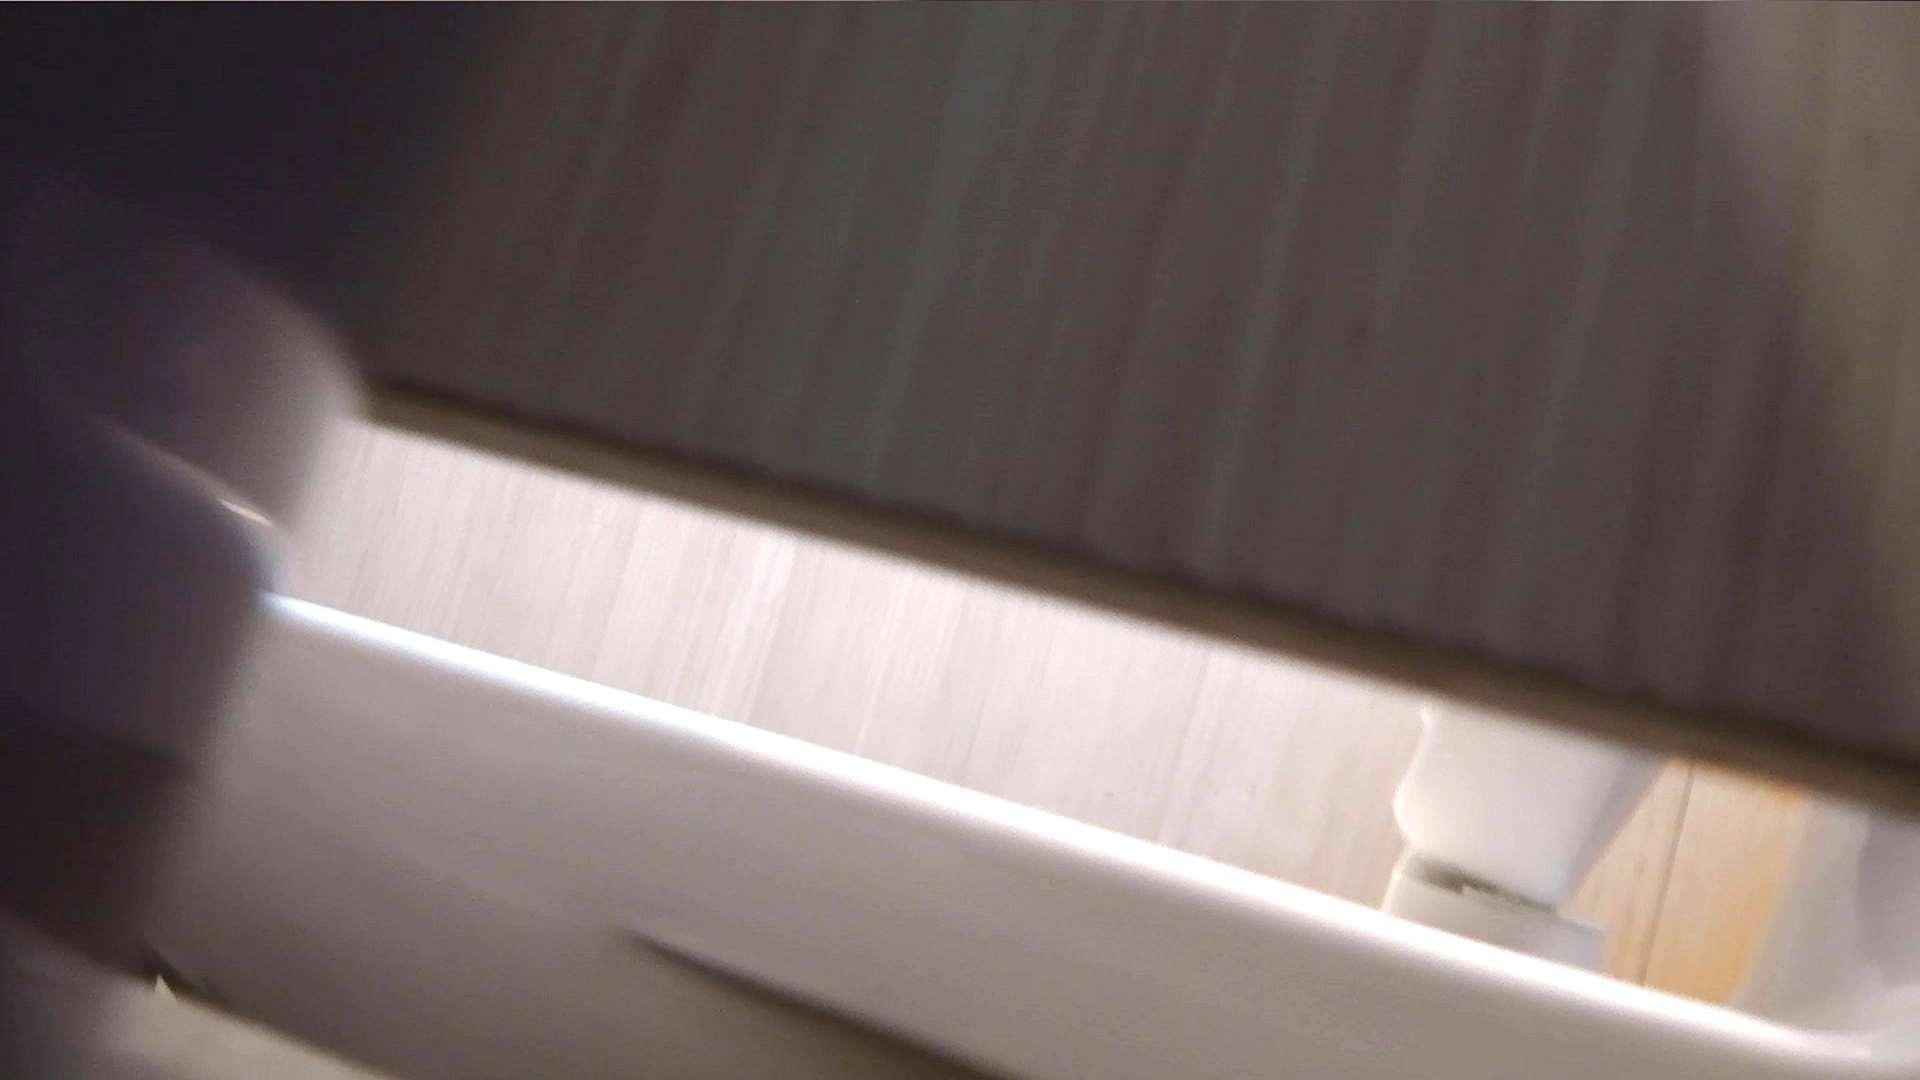 阿国ちゃんの「和式洋式七変化」No.3 丸見え スケベ動画紹介 106枚 99